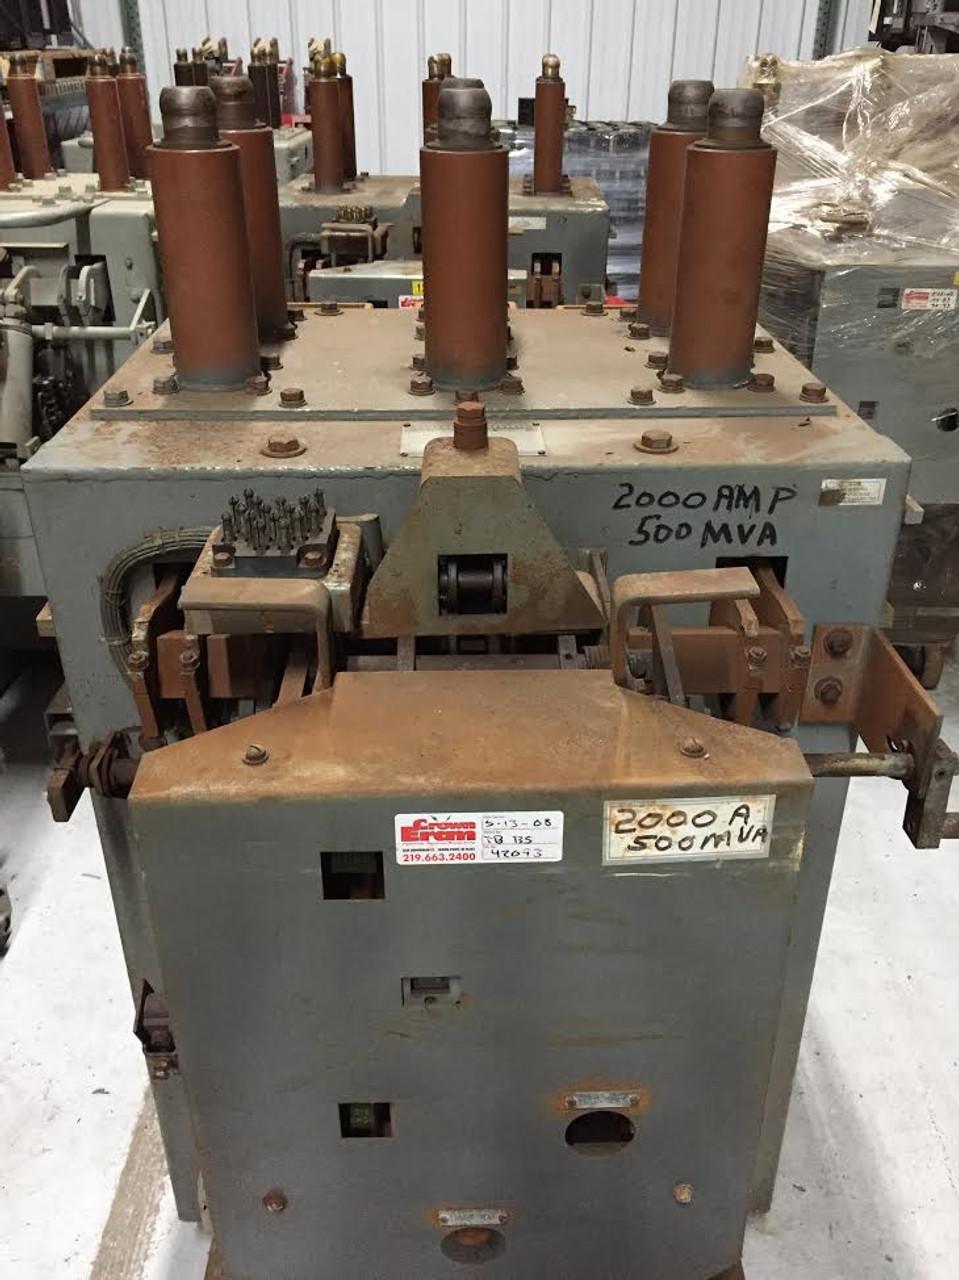 am 13 8 500 5h b ge magne blast 2000a 15kv air circuit breaker  am 13 8 500 5h b ge magne blast 2000a 15kv air circuit breaker bullock breakers